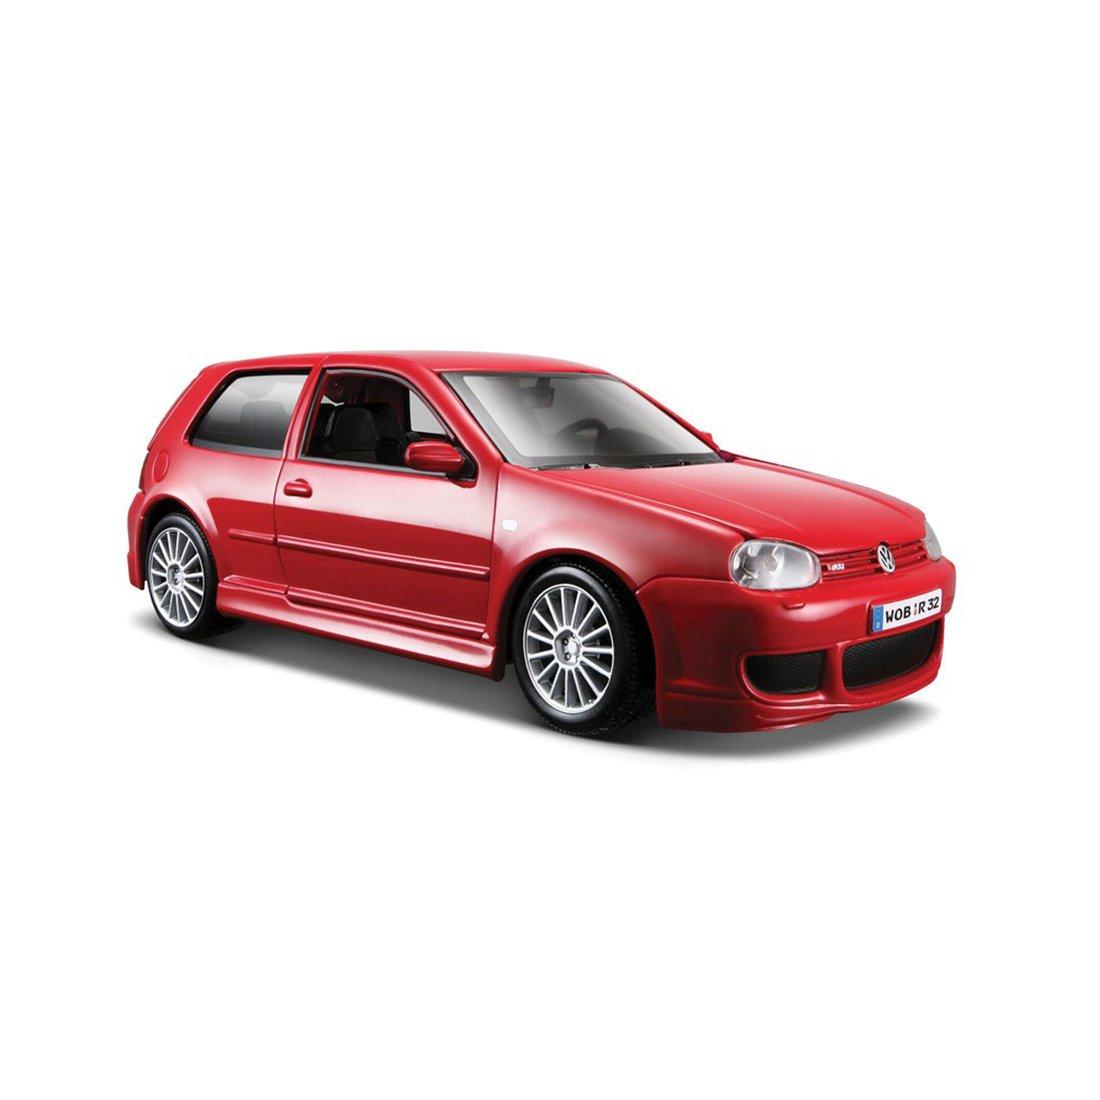 Masinuta Maisto Volkswagen Golf R32 1:24. Rosu